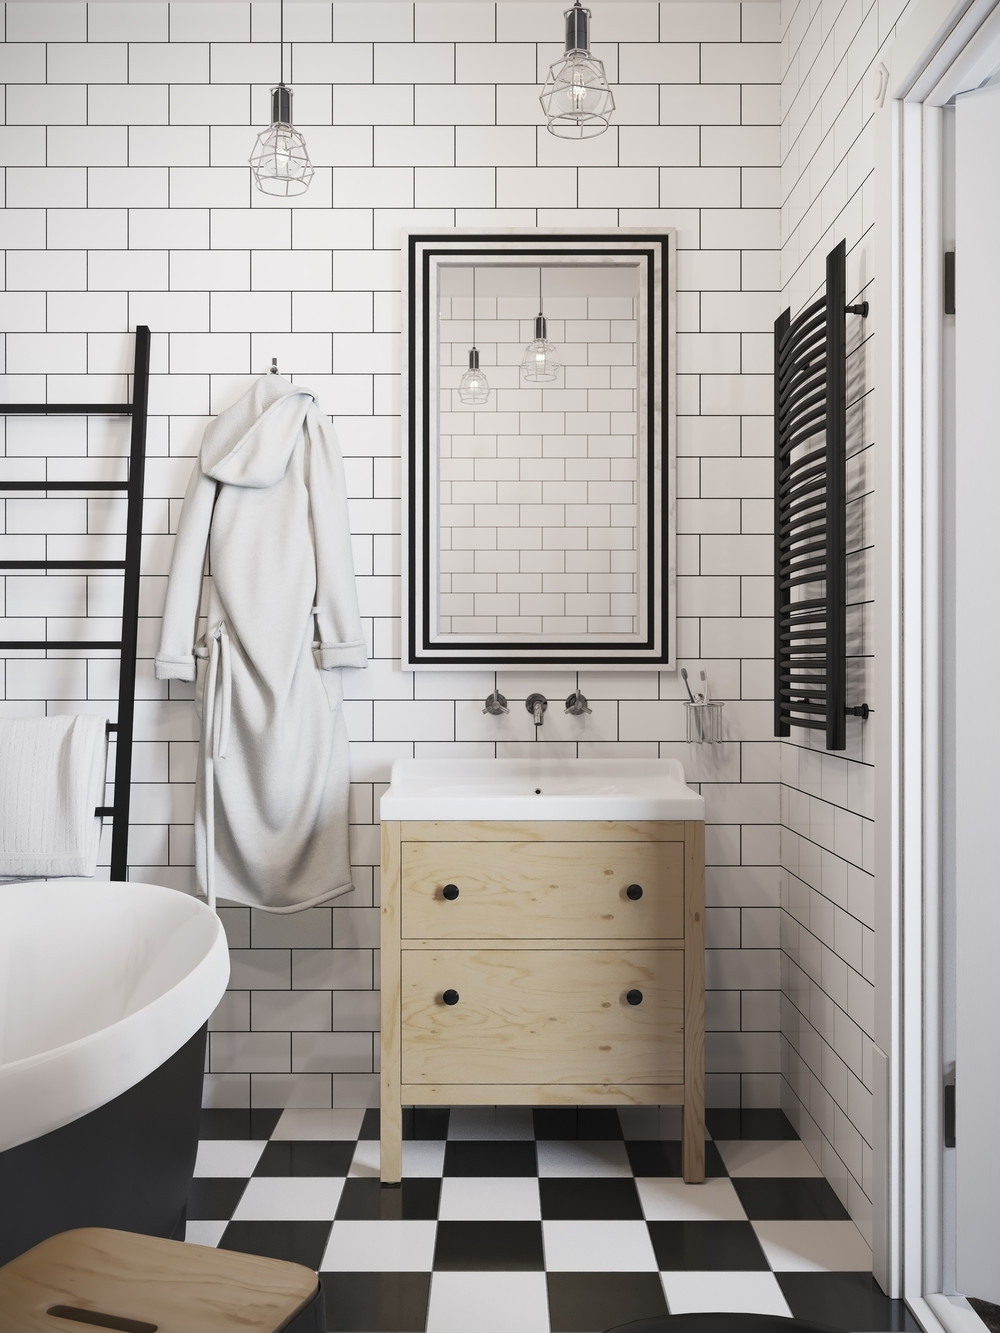 Image Result For Black White Vintage Bathroom Ideas